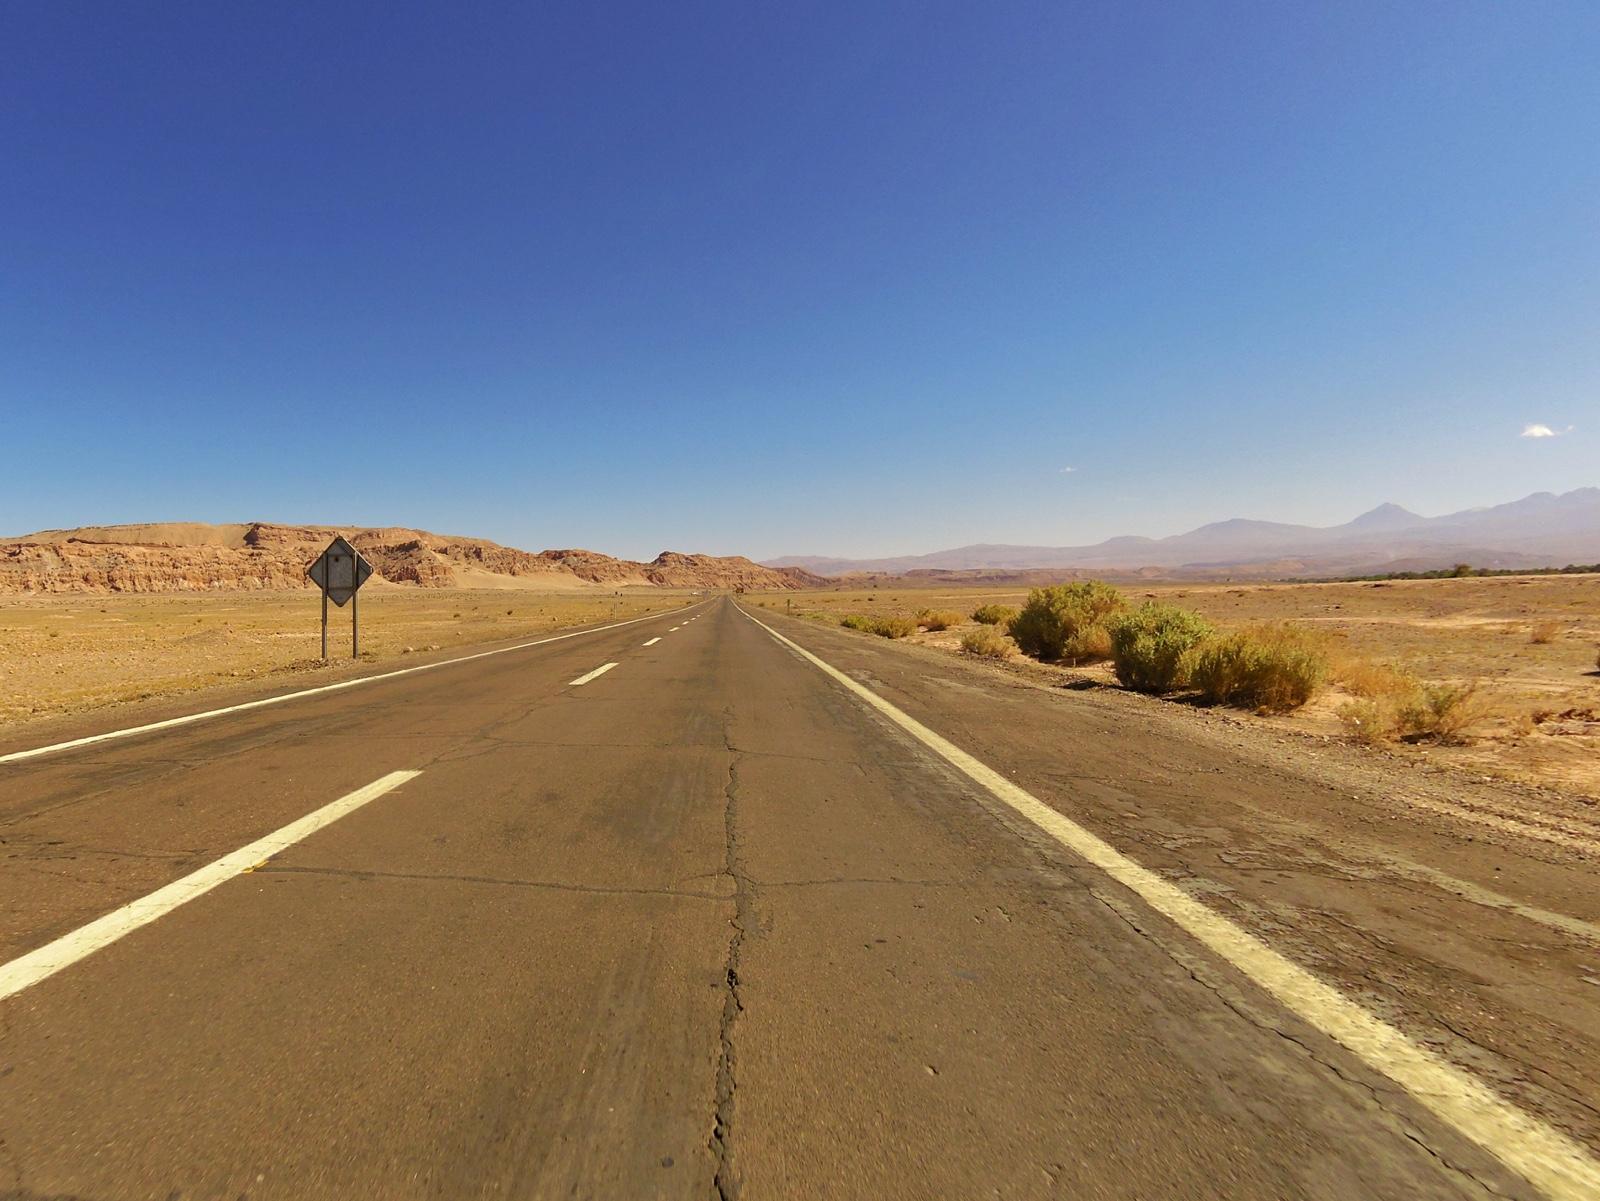 Diese Landschaft sollte uns über 200 Kilometer verfolgen